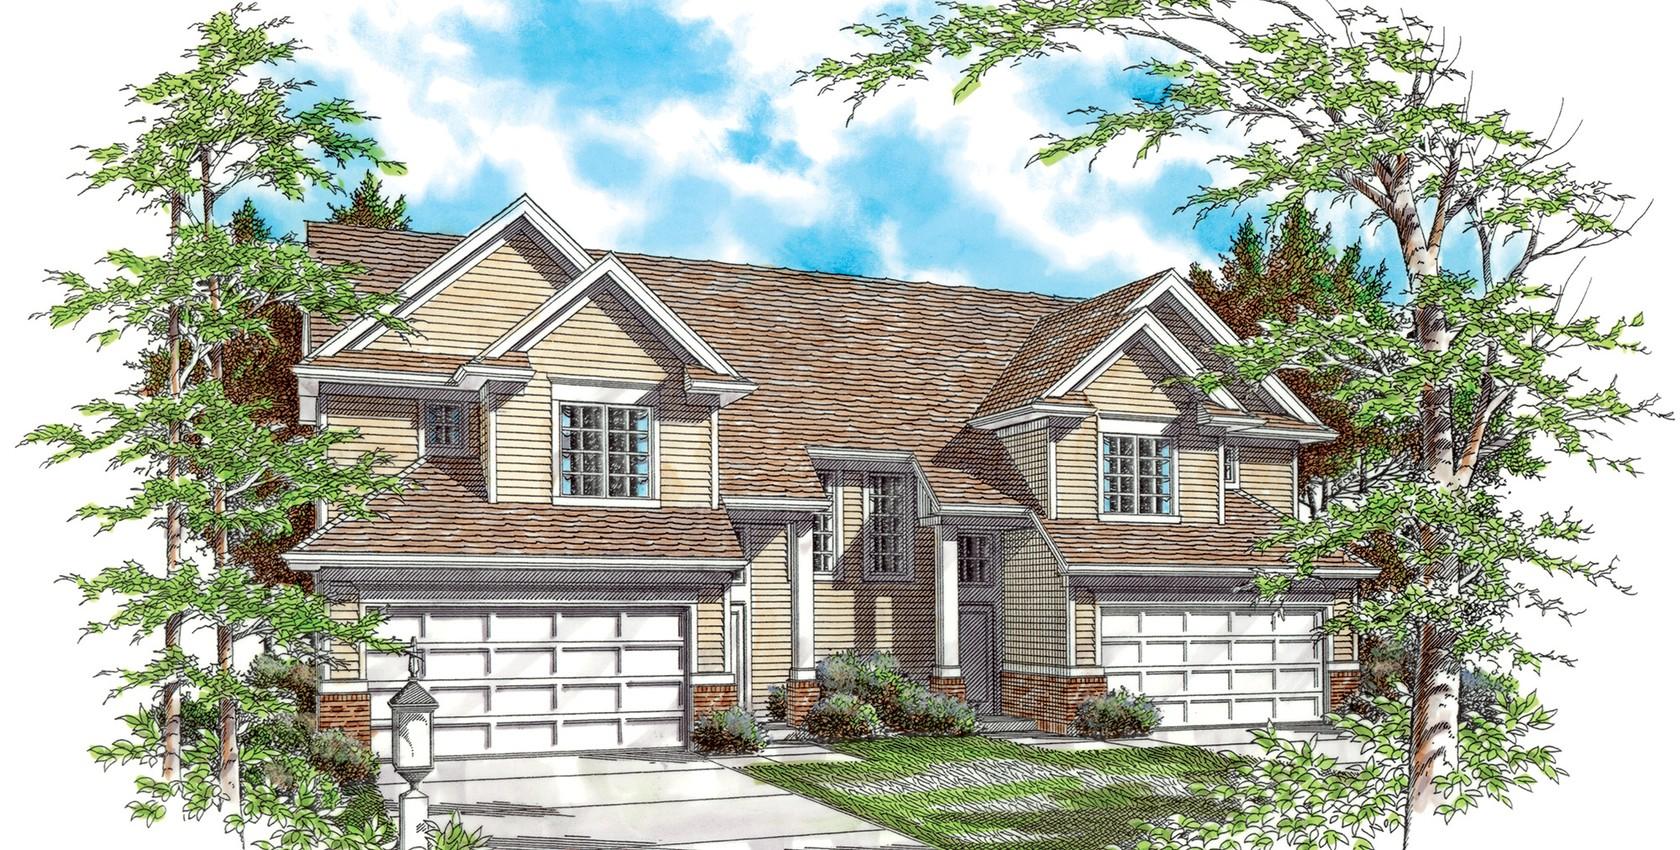 Mascord house plan 4005 the applegate for Applegate house